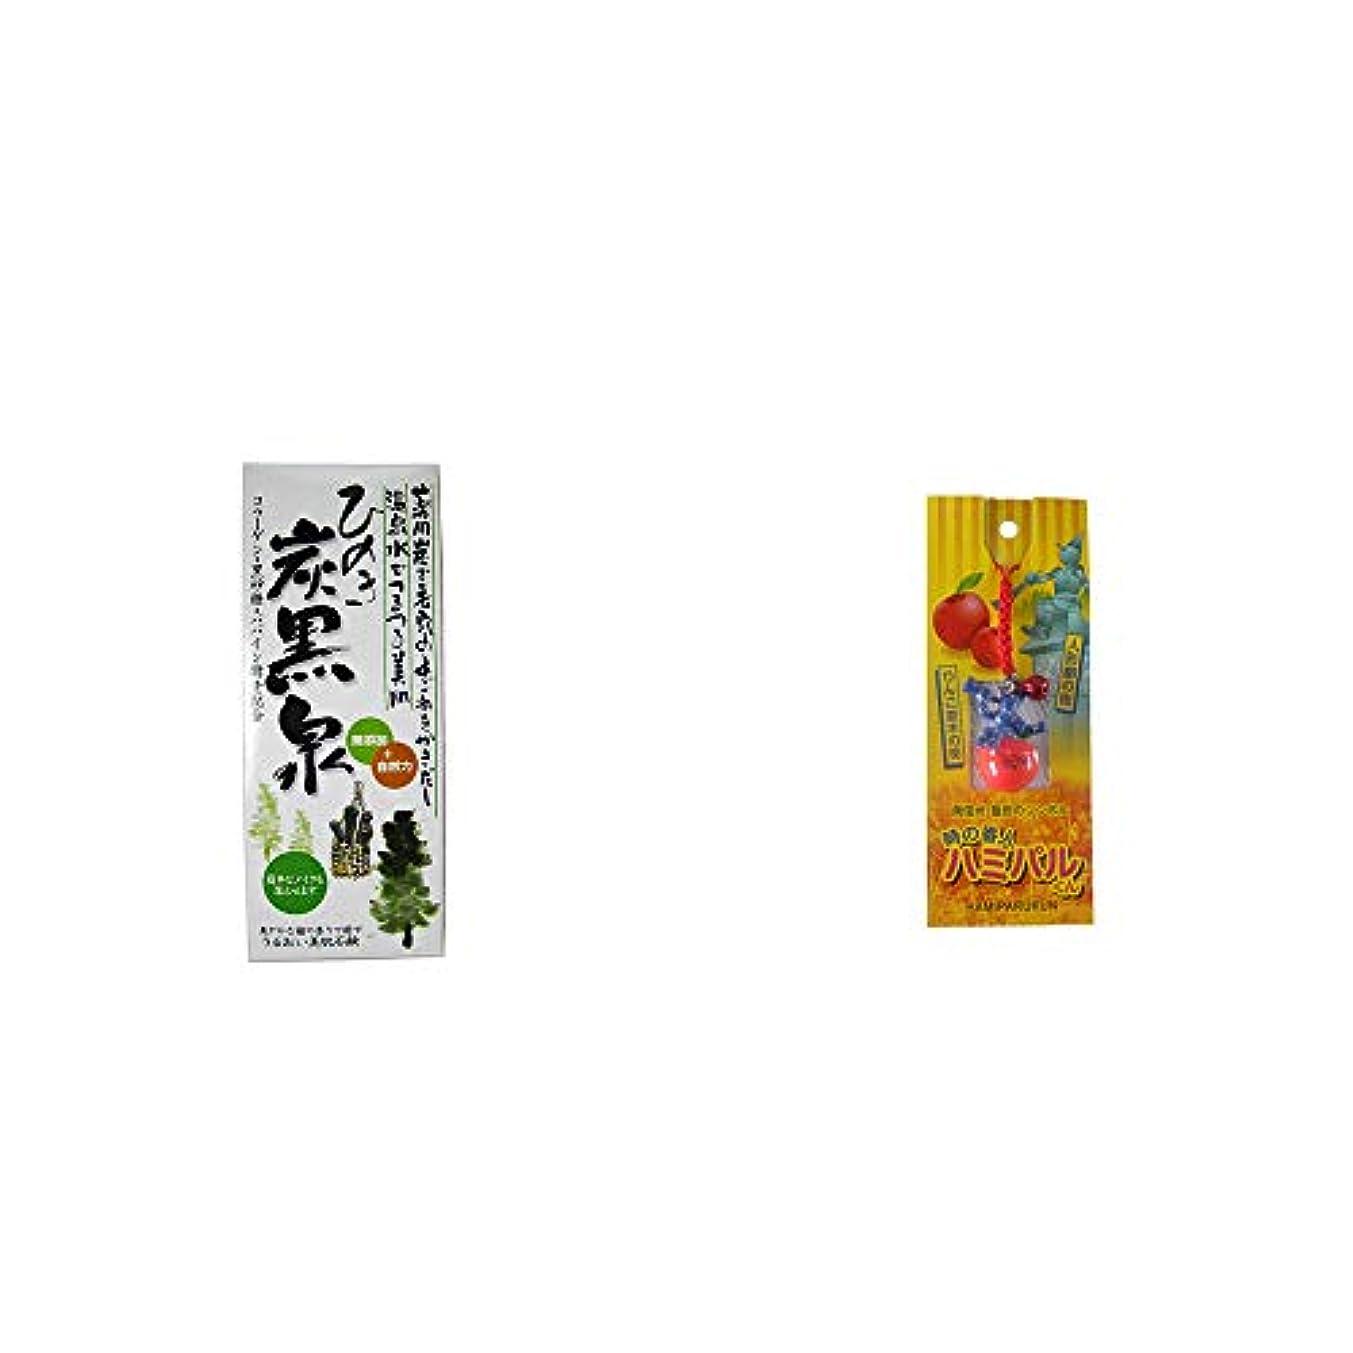 グラマーディプロマ練る[2点セット] ひのき炭黒泉 箱入り(75g×3)?信州?飯田のシンボル 時の番人ハミパルくんストラップ